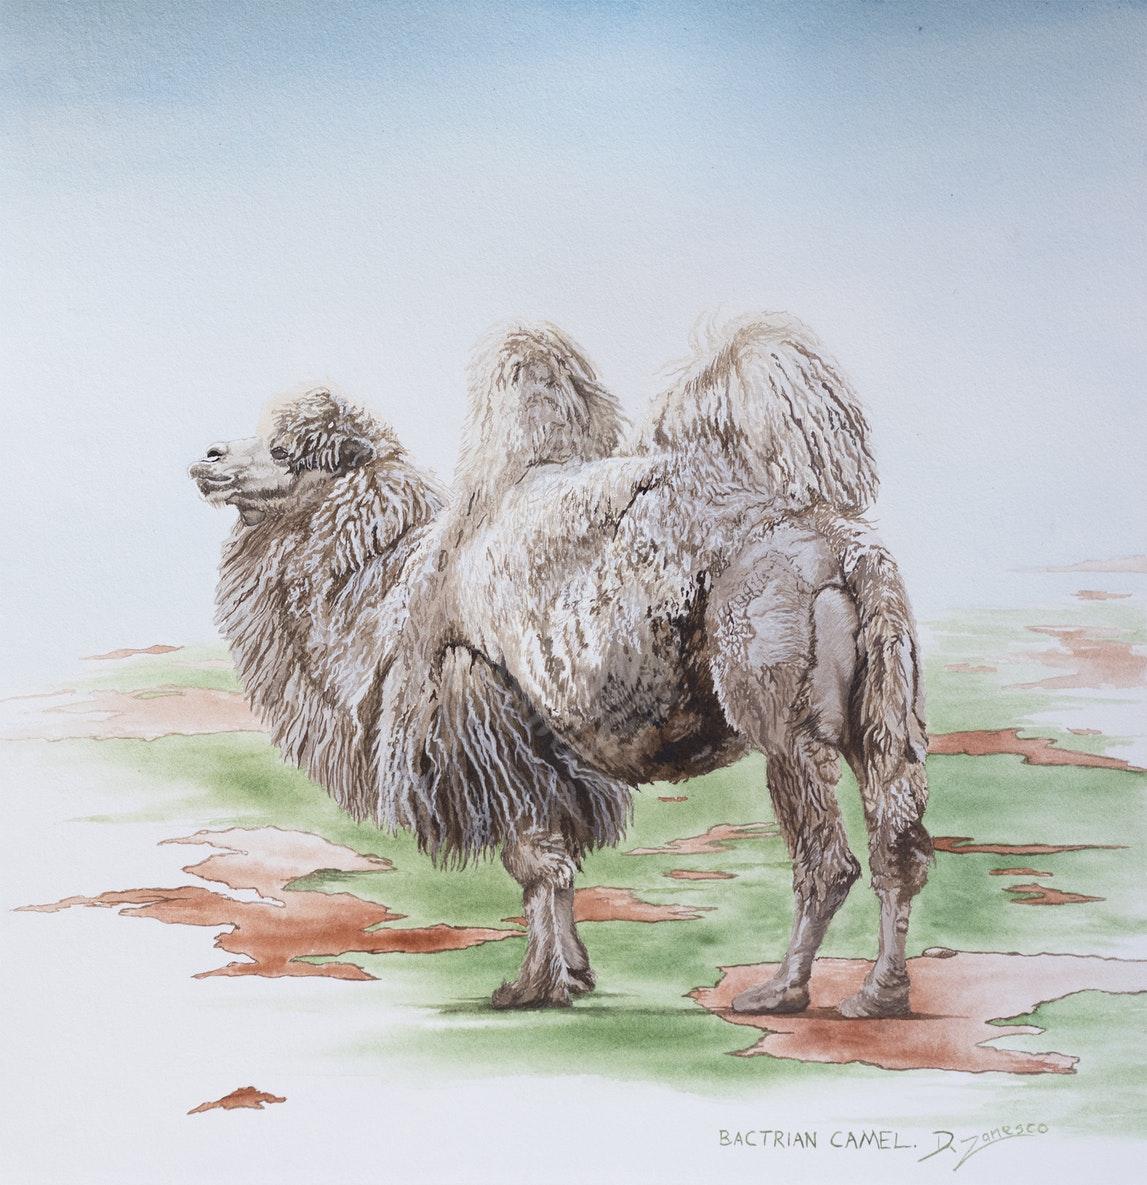 bactrian-camel-dario-zanesco